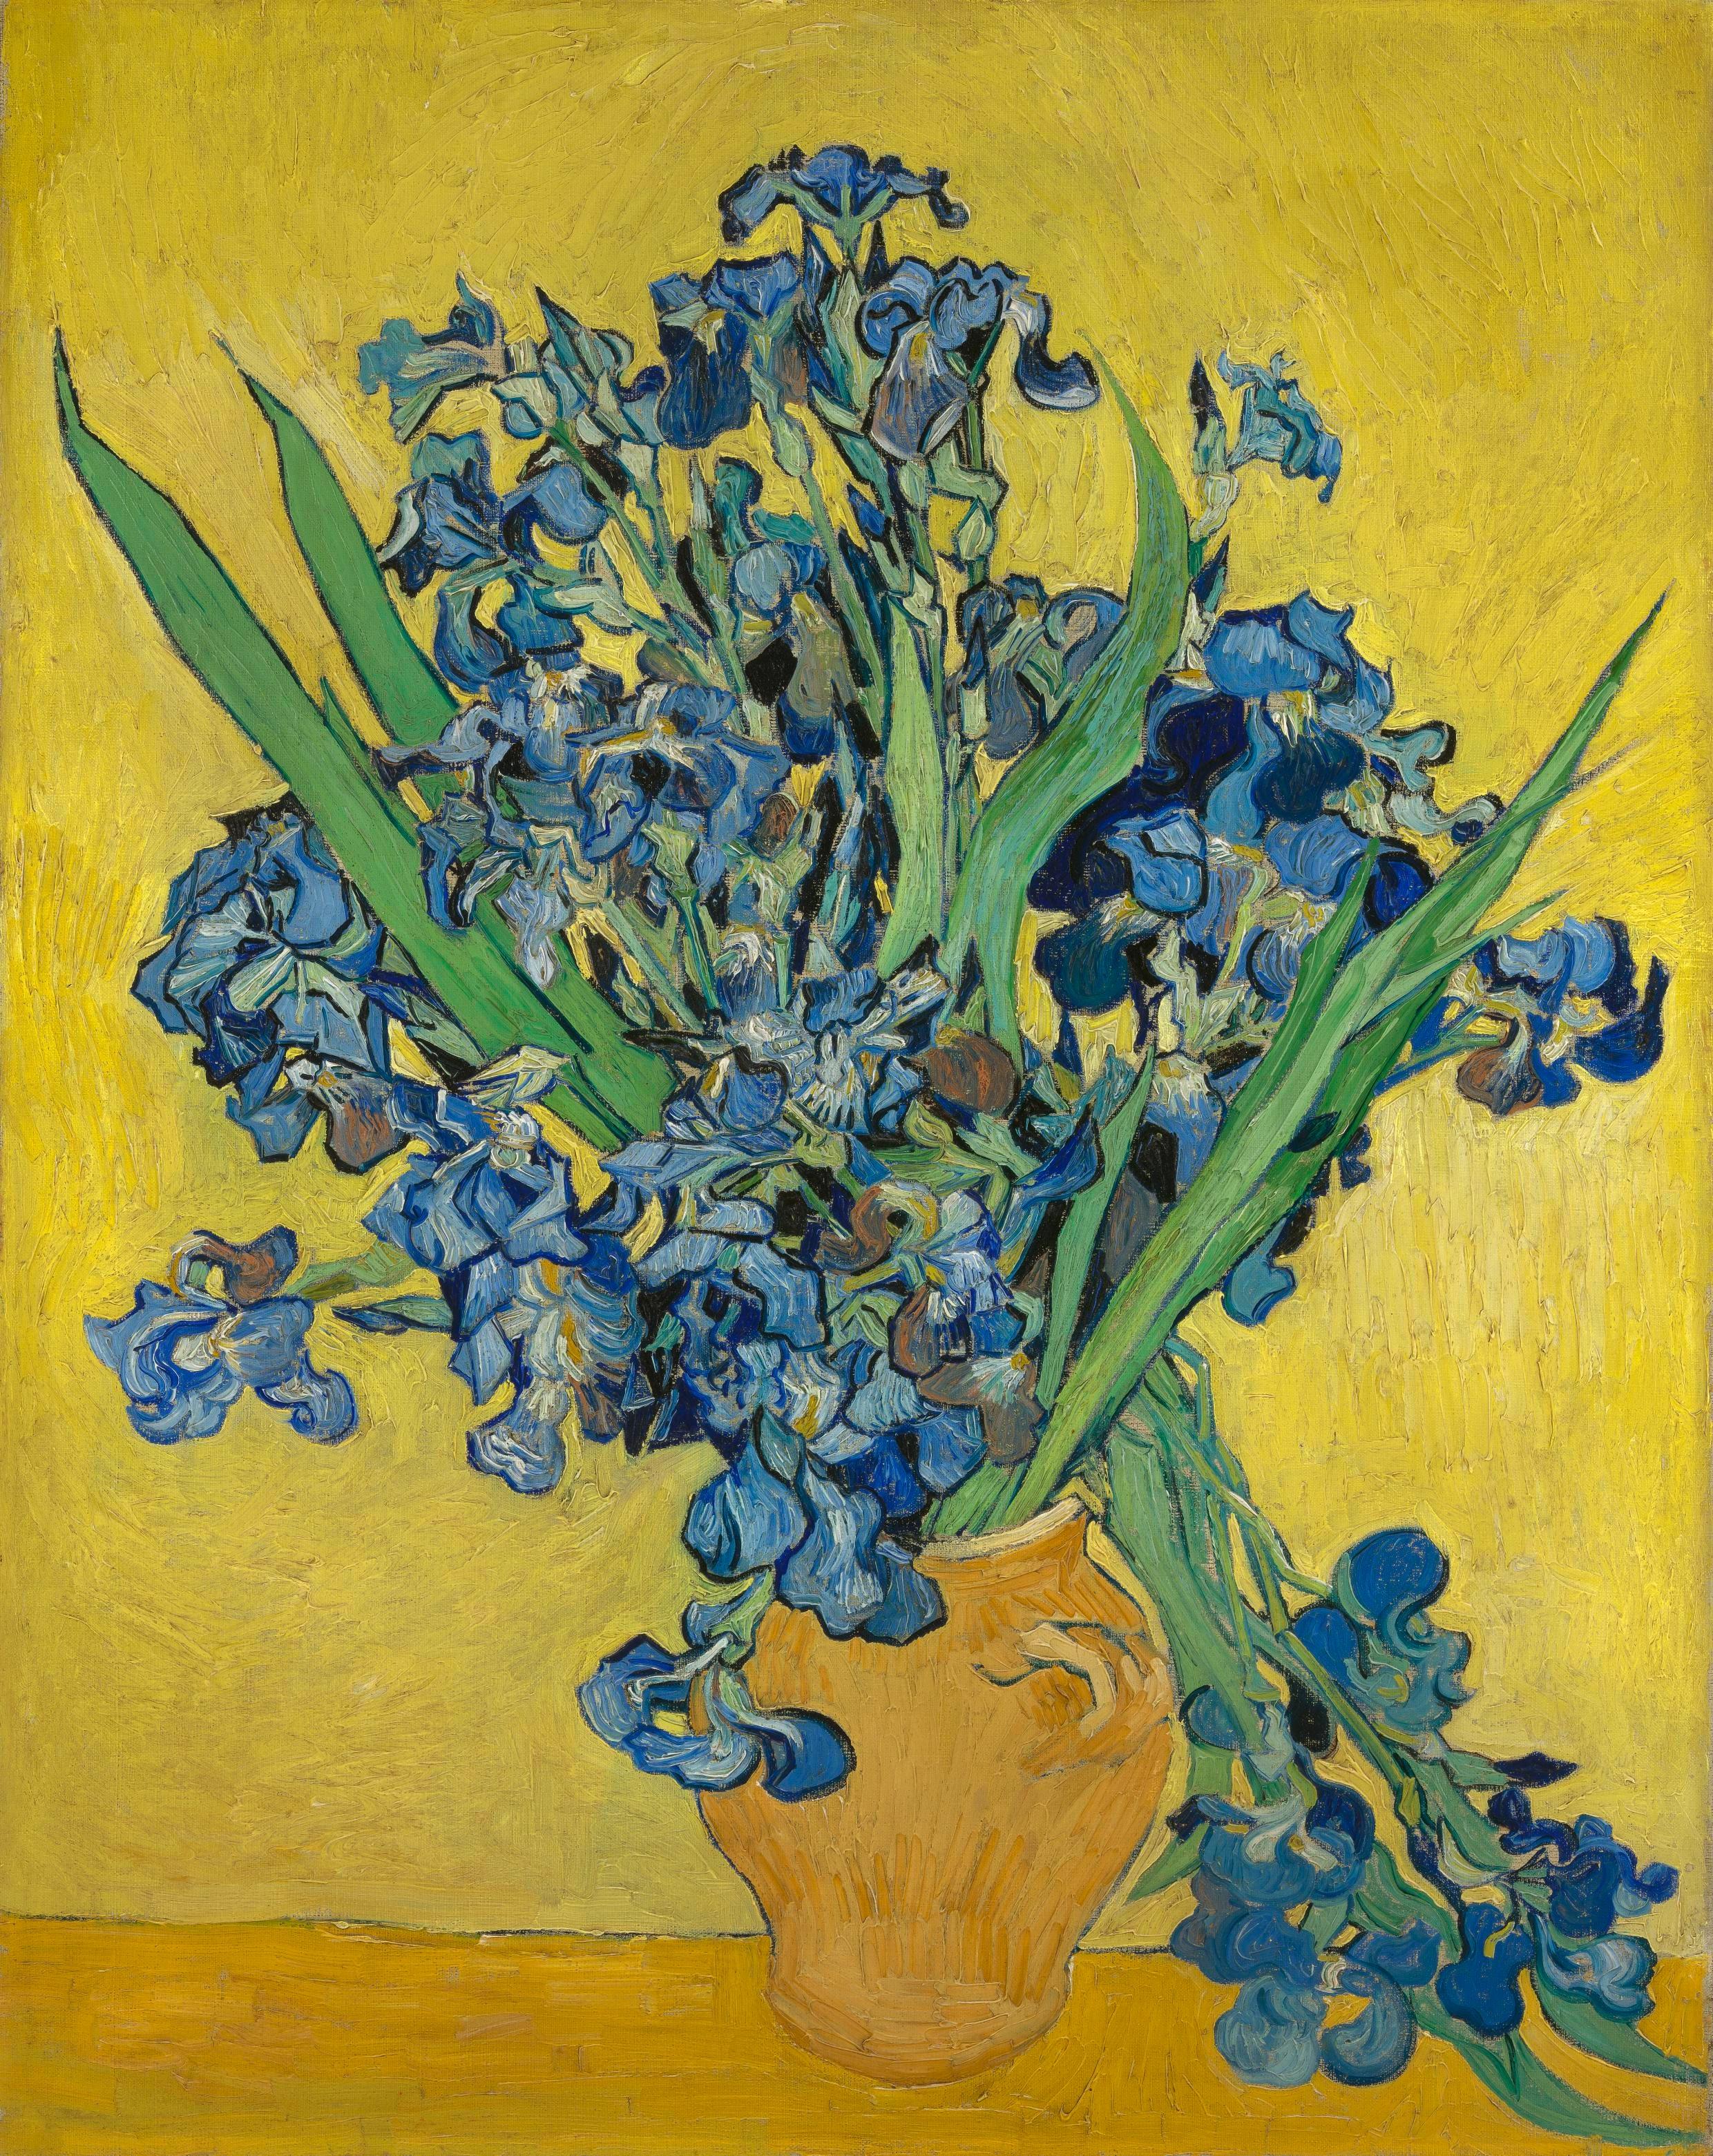 Vincent van Gogh: Irises (1890)